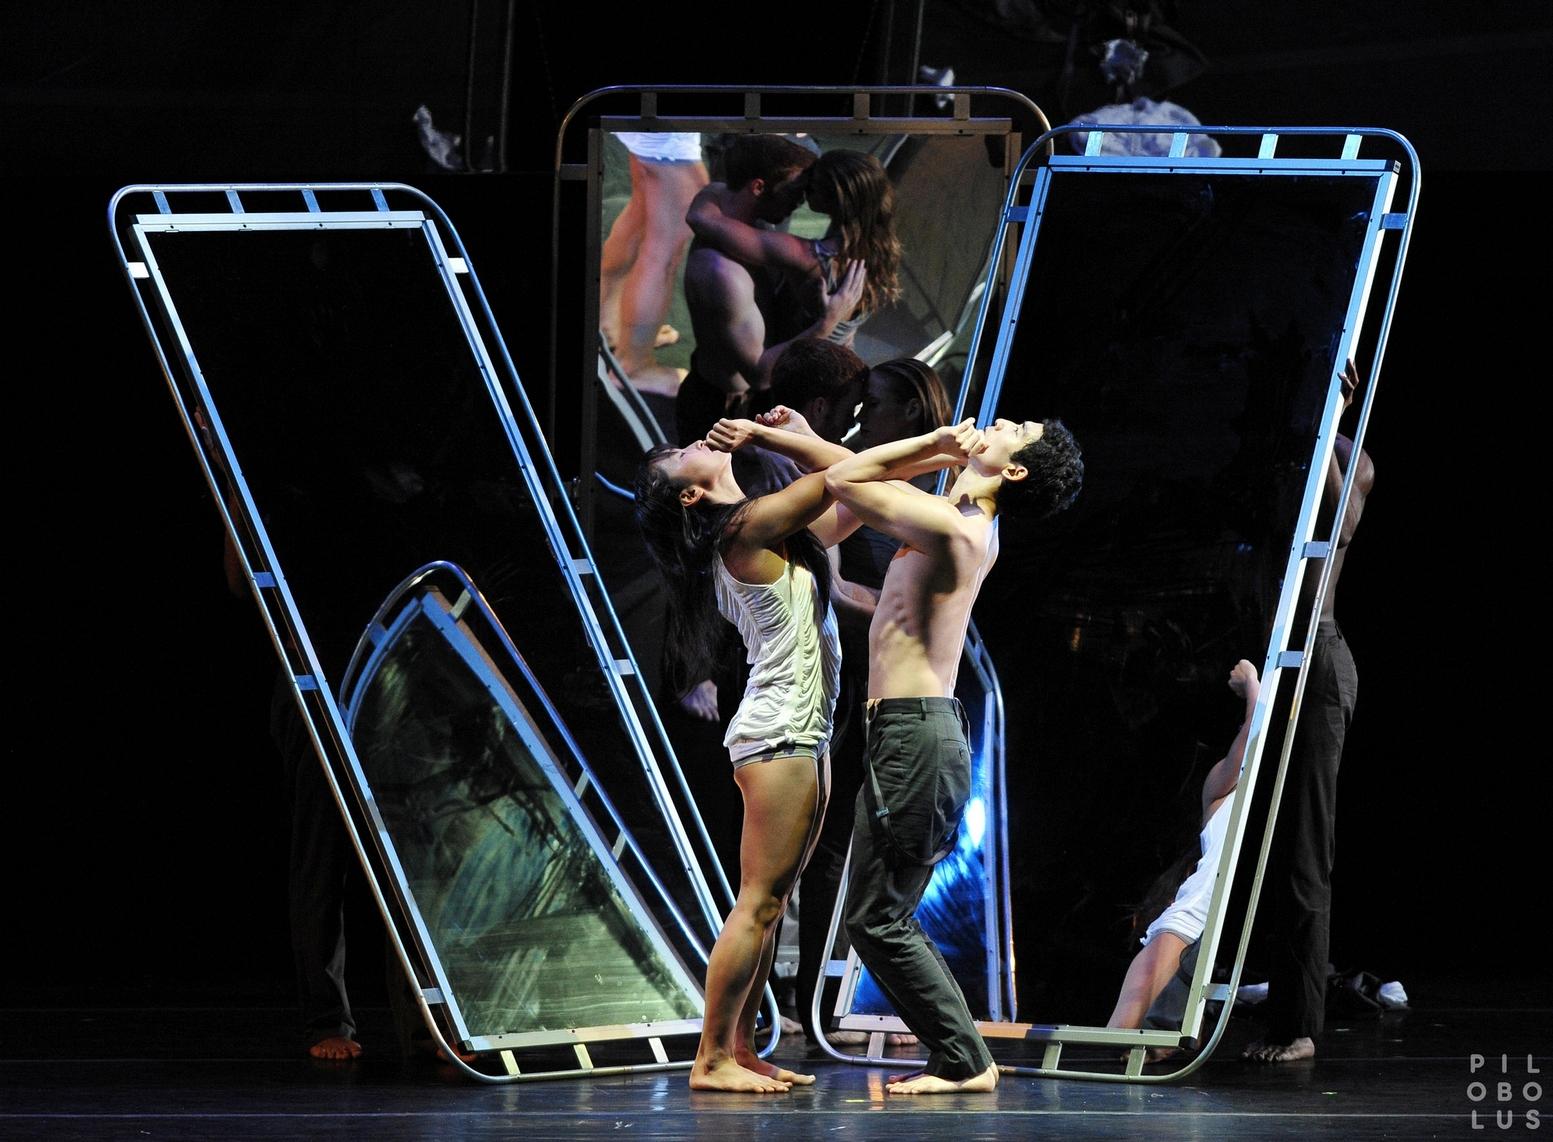 «Пилоболус» привезет в Израиль новый балет The Inconsistent Pedaler